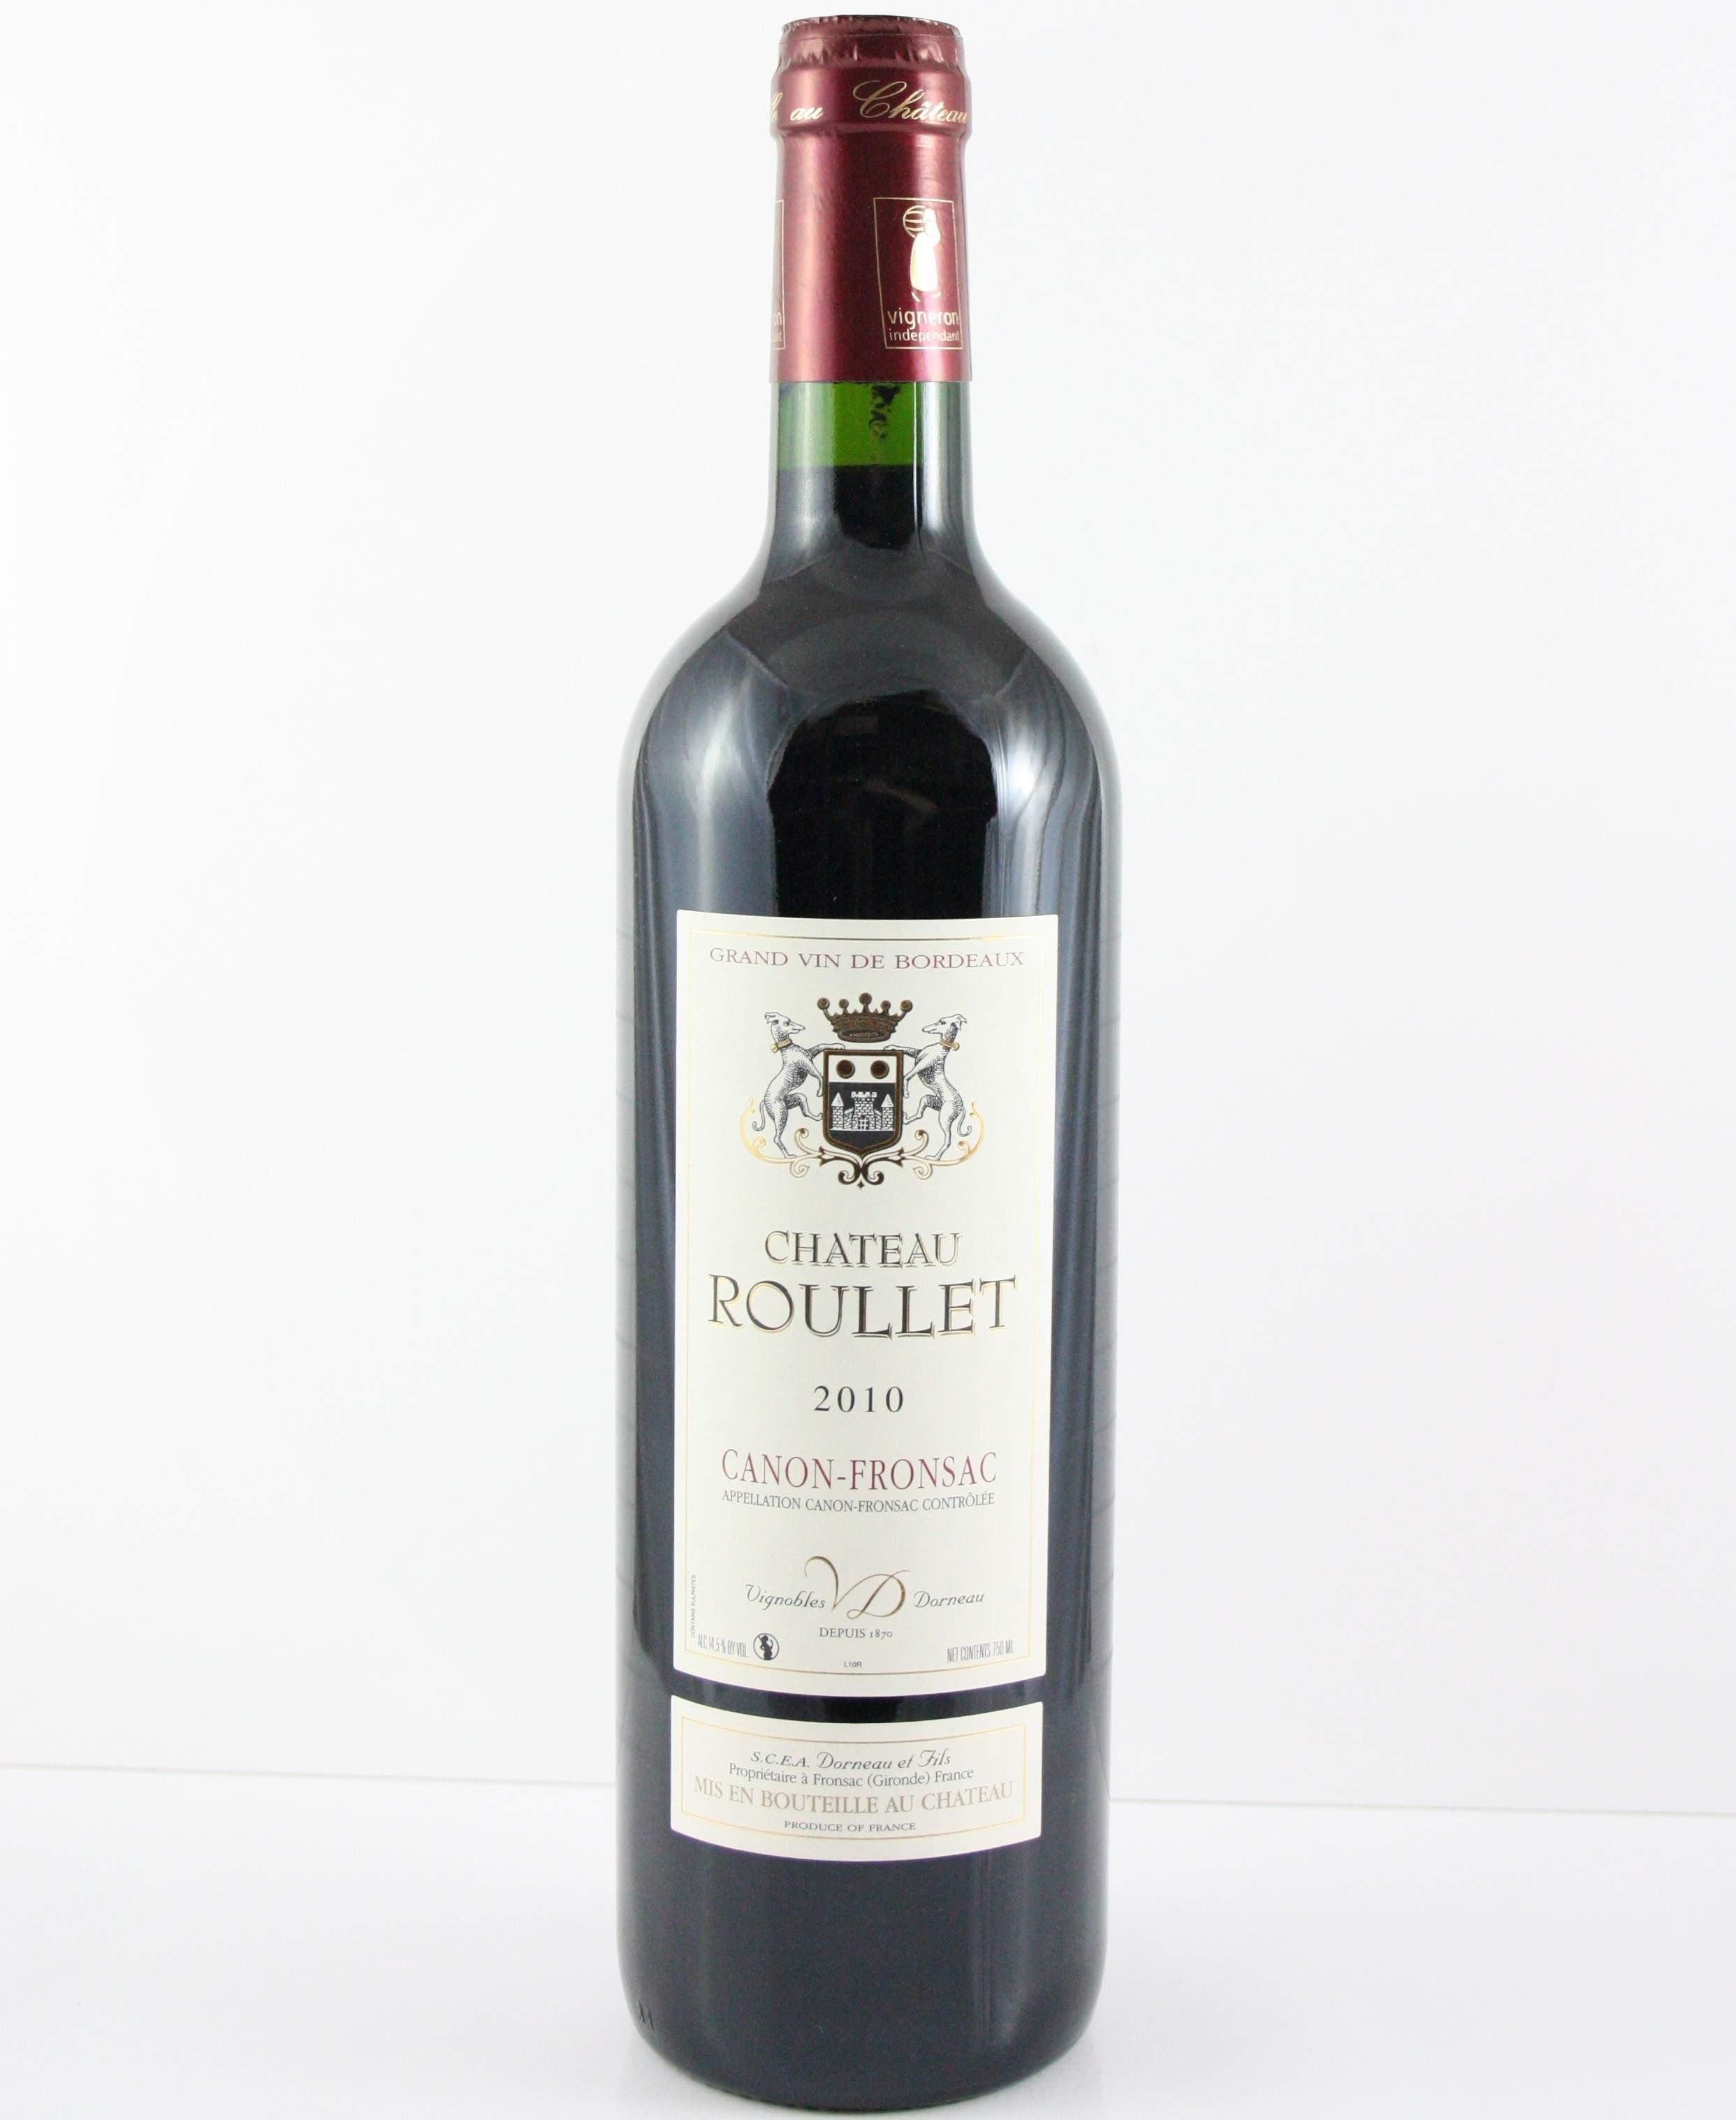 Vignobles Dorneau, AOP Canon Fronsac Chateau Roullet, 2012